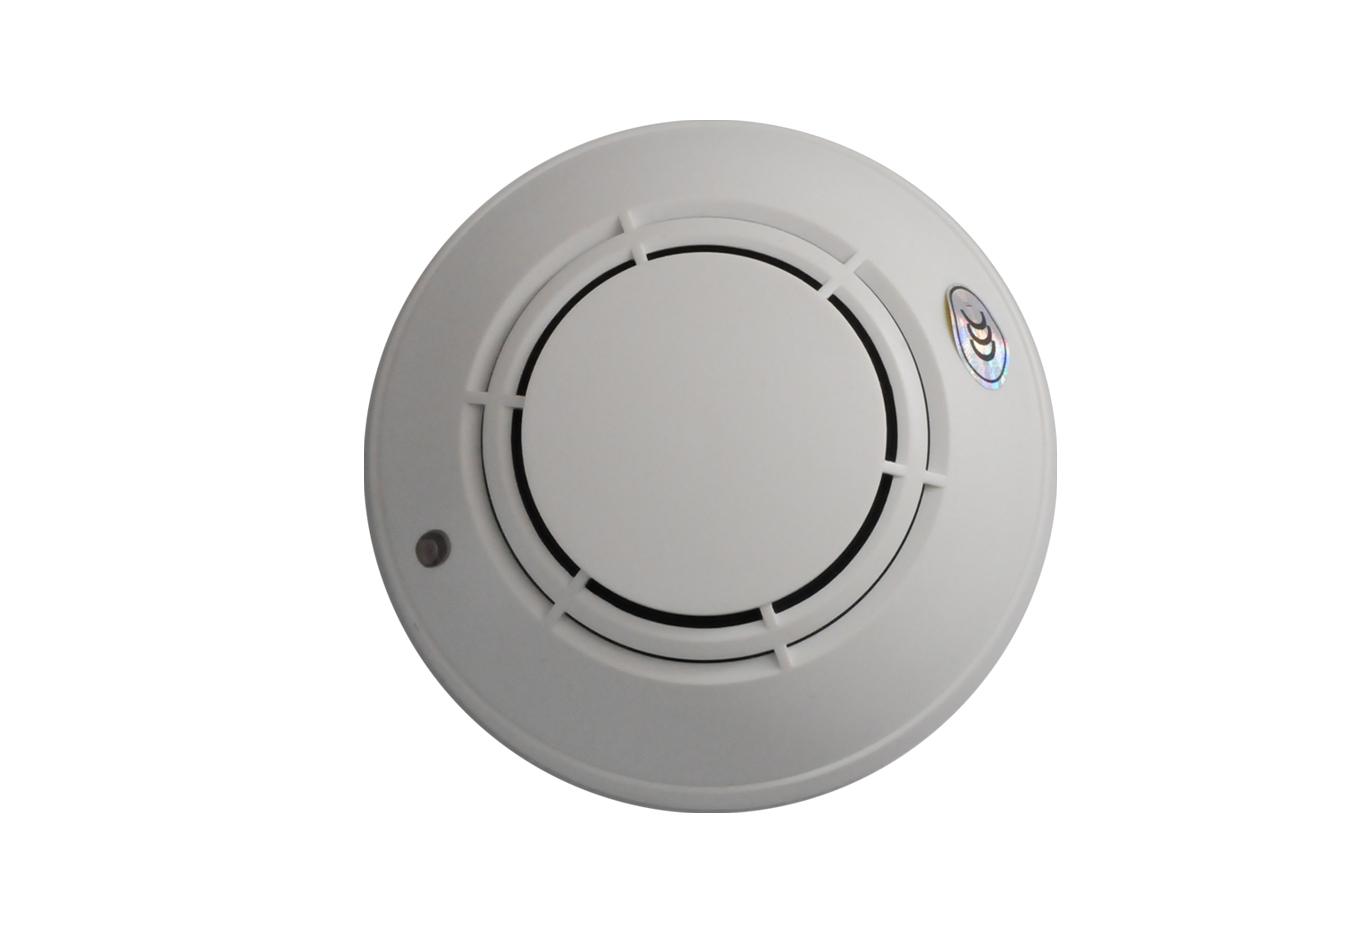 点型光电感烟火灾探测器 点型光电感烟火灾探测器